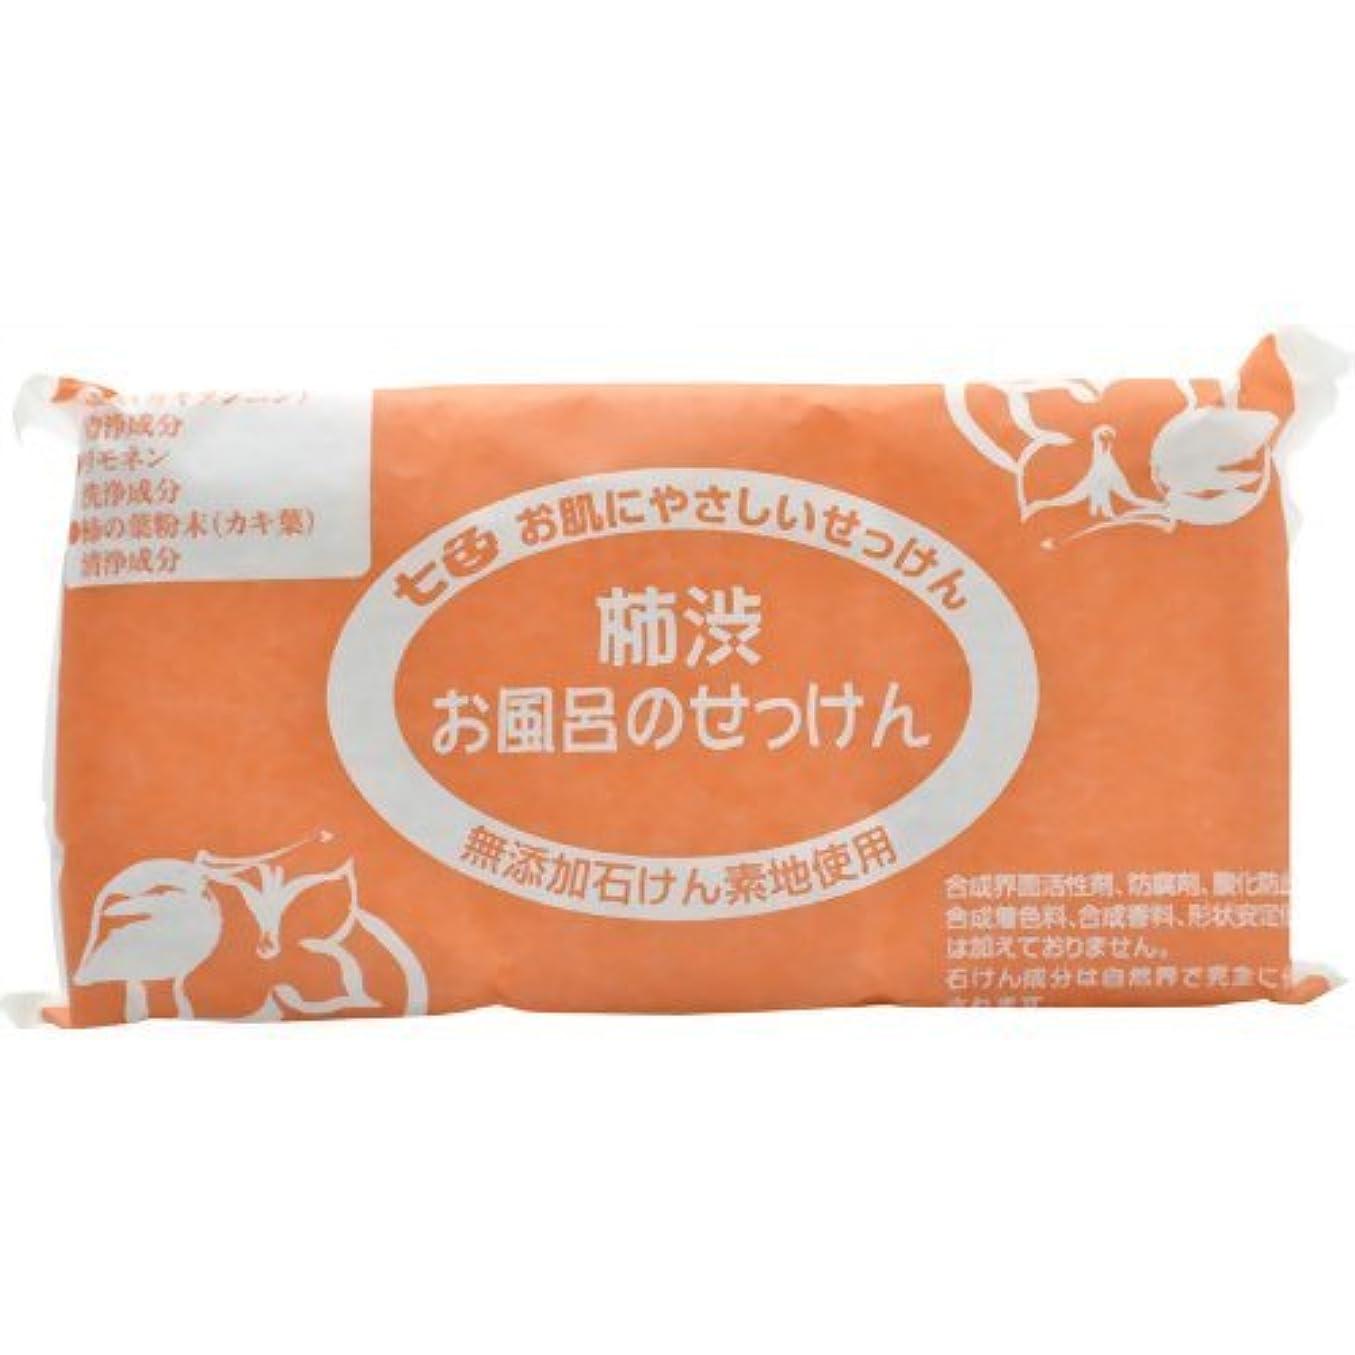 サーカス画面他に七色 お風呂のせっけん 柿渋(無添加石鹸) 100g×3個入